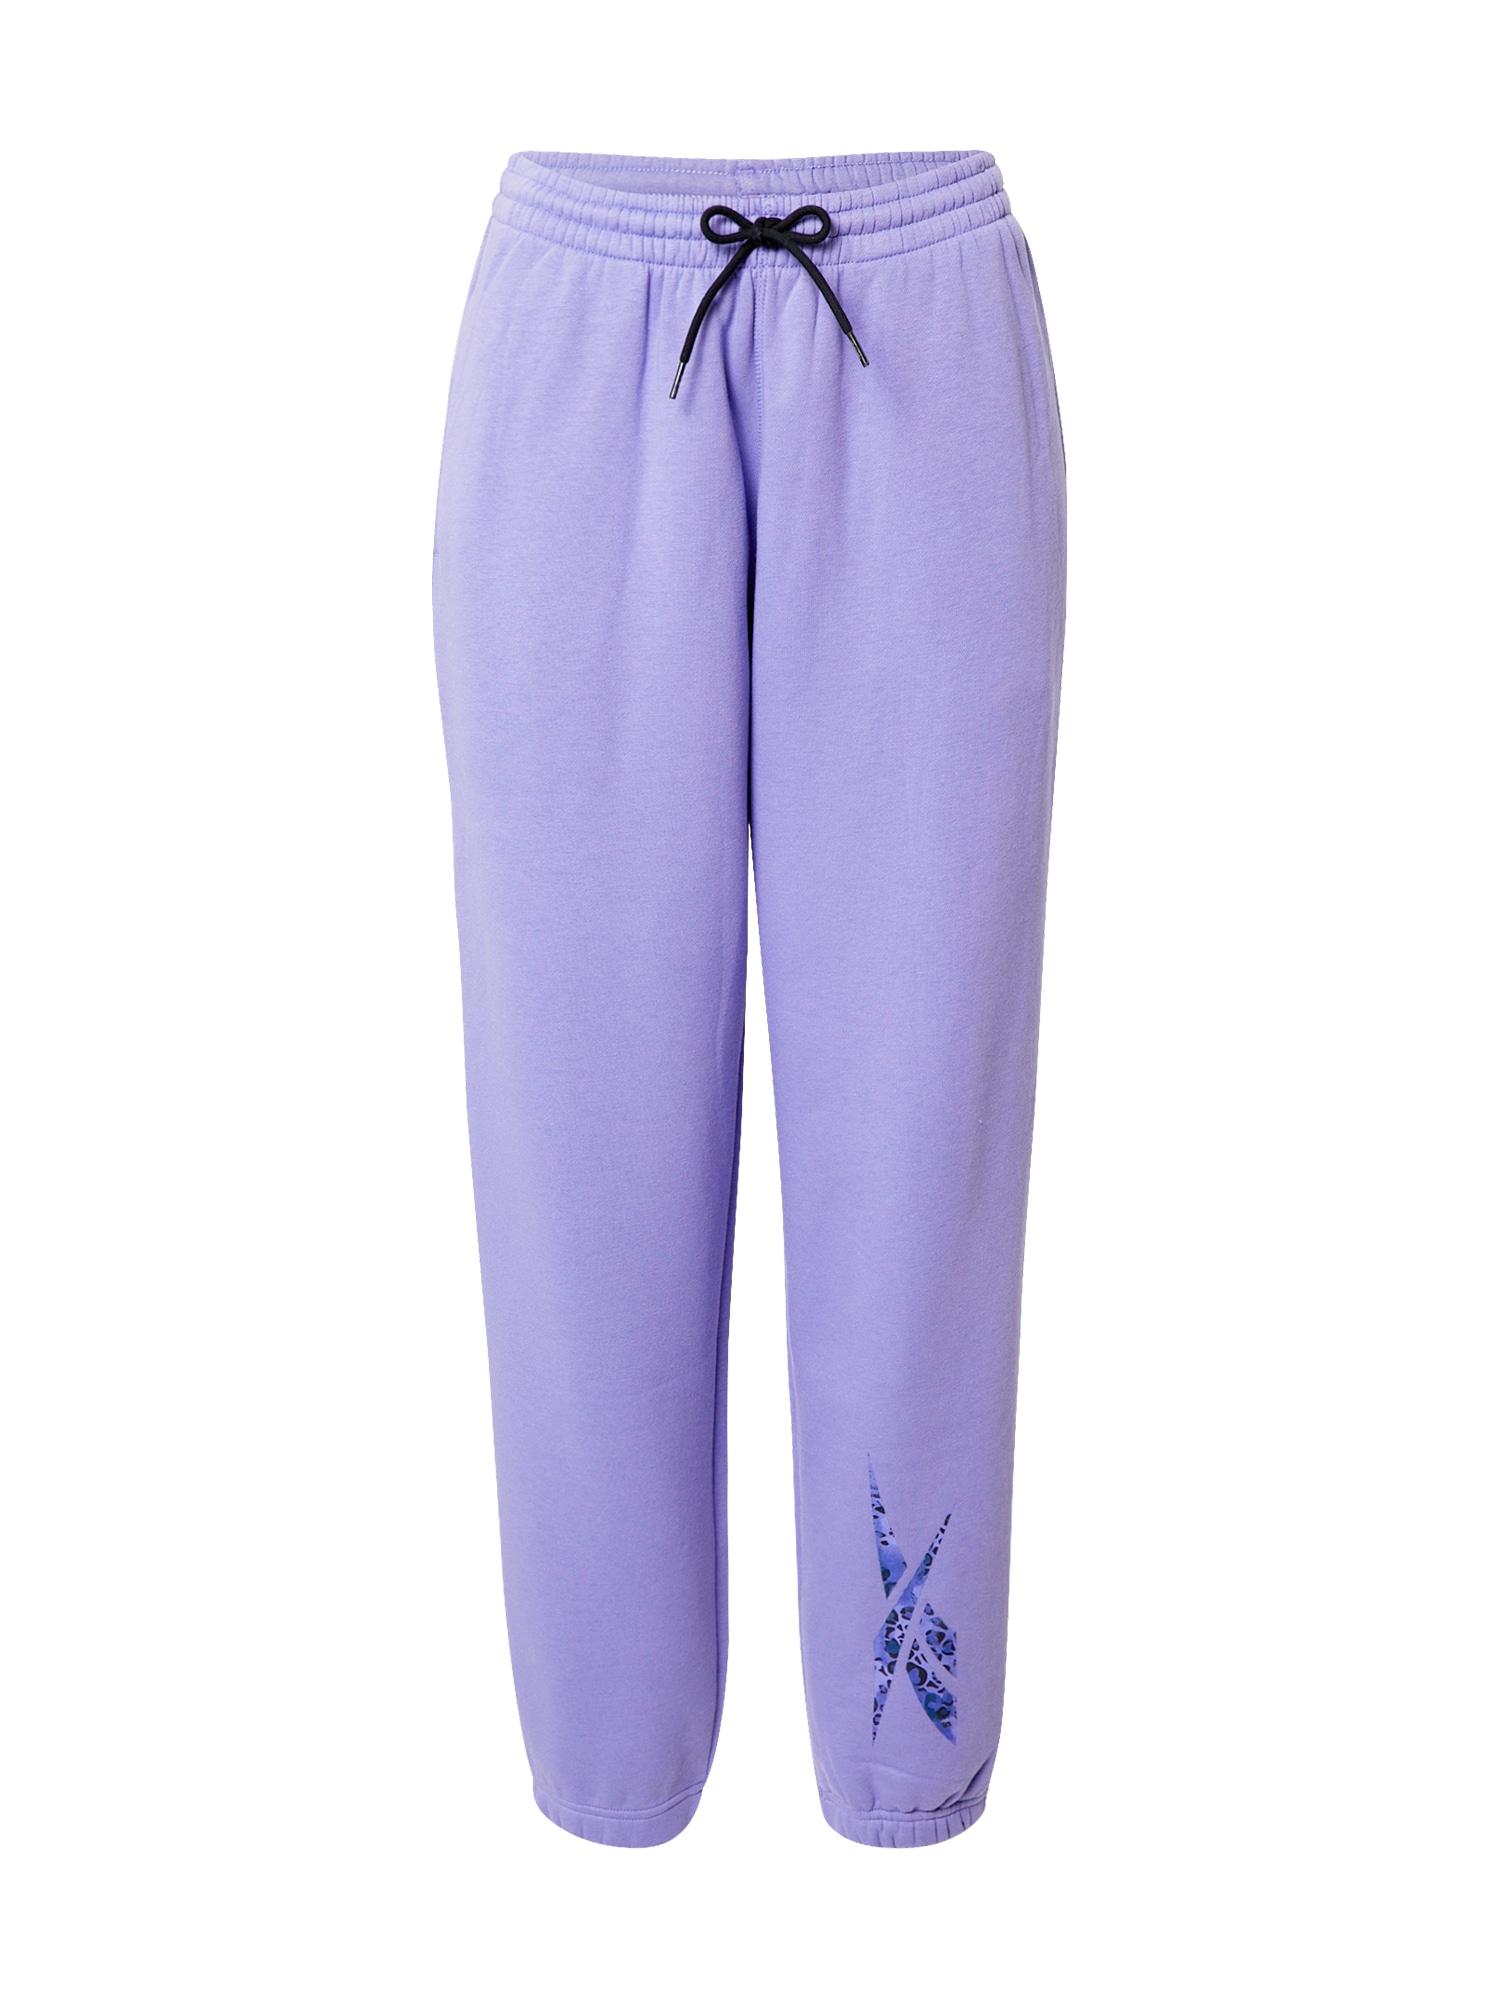 REEBOK Sportinės kelnės šviesiai violetinė